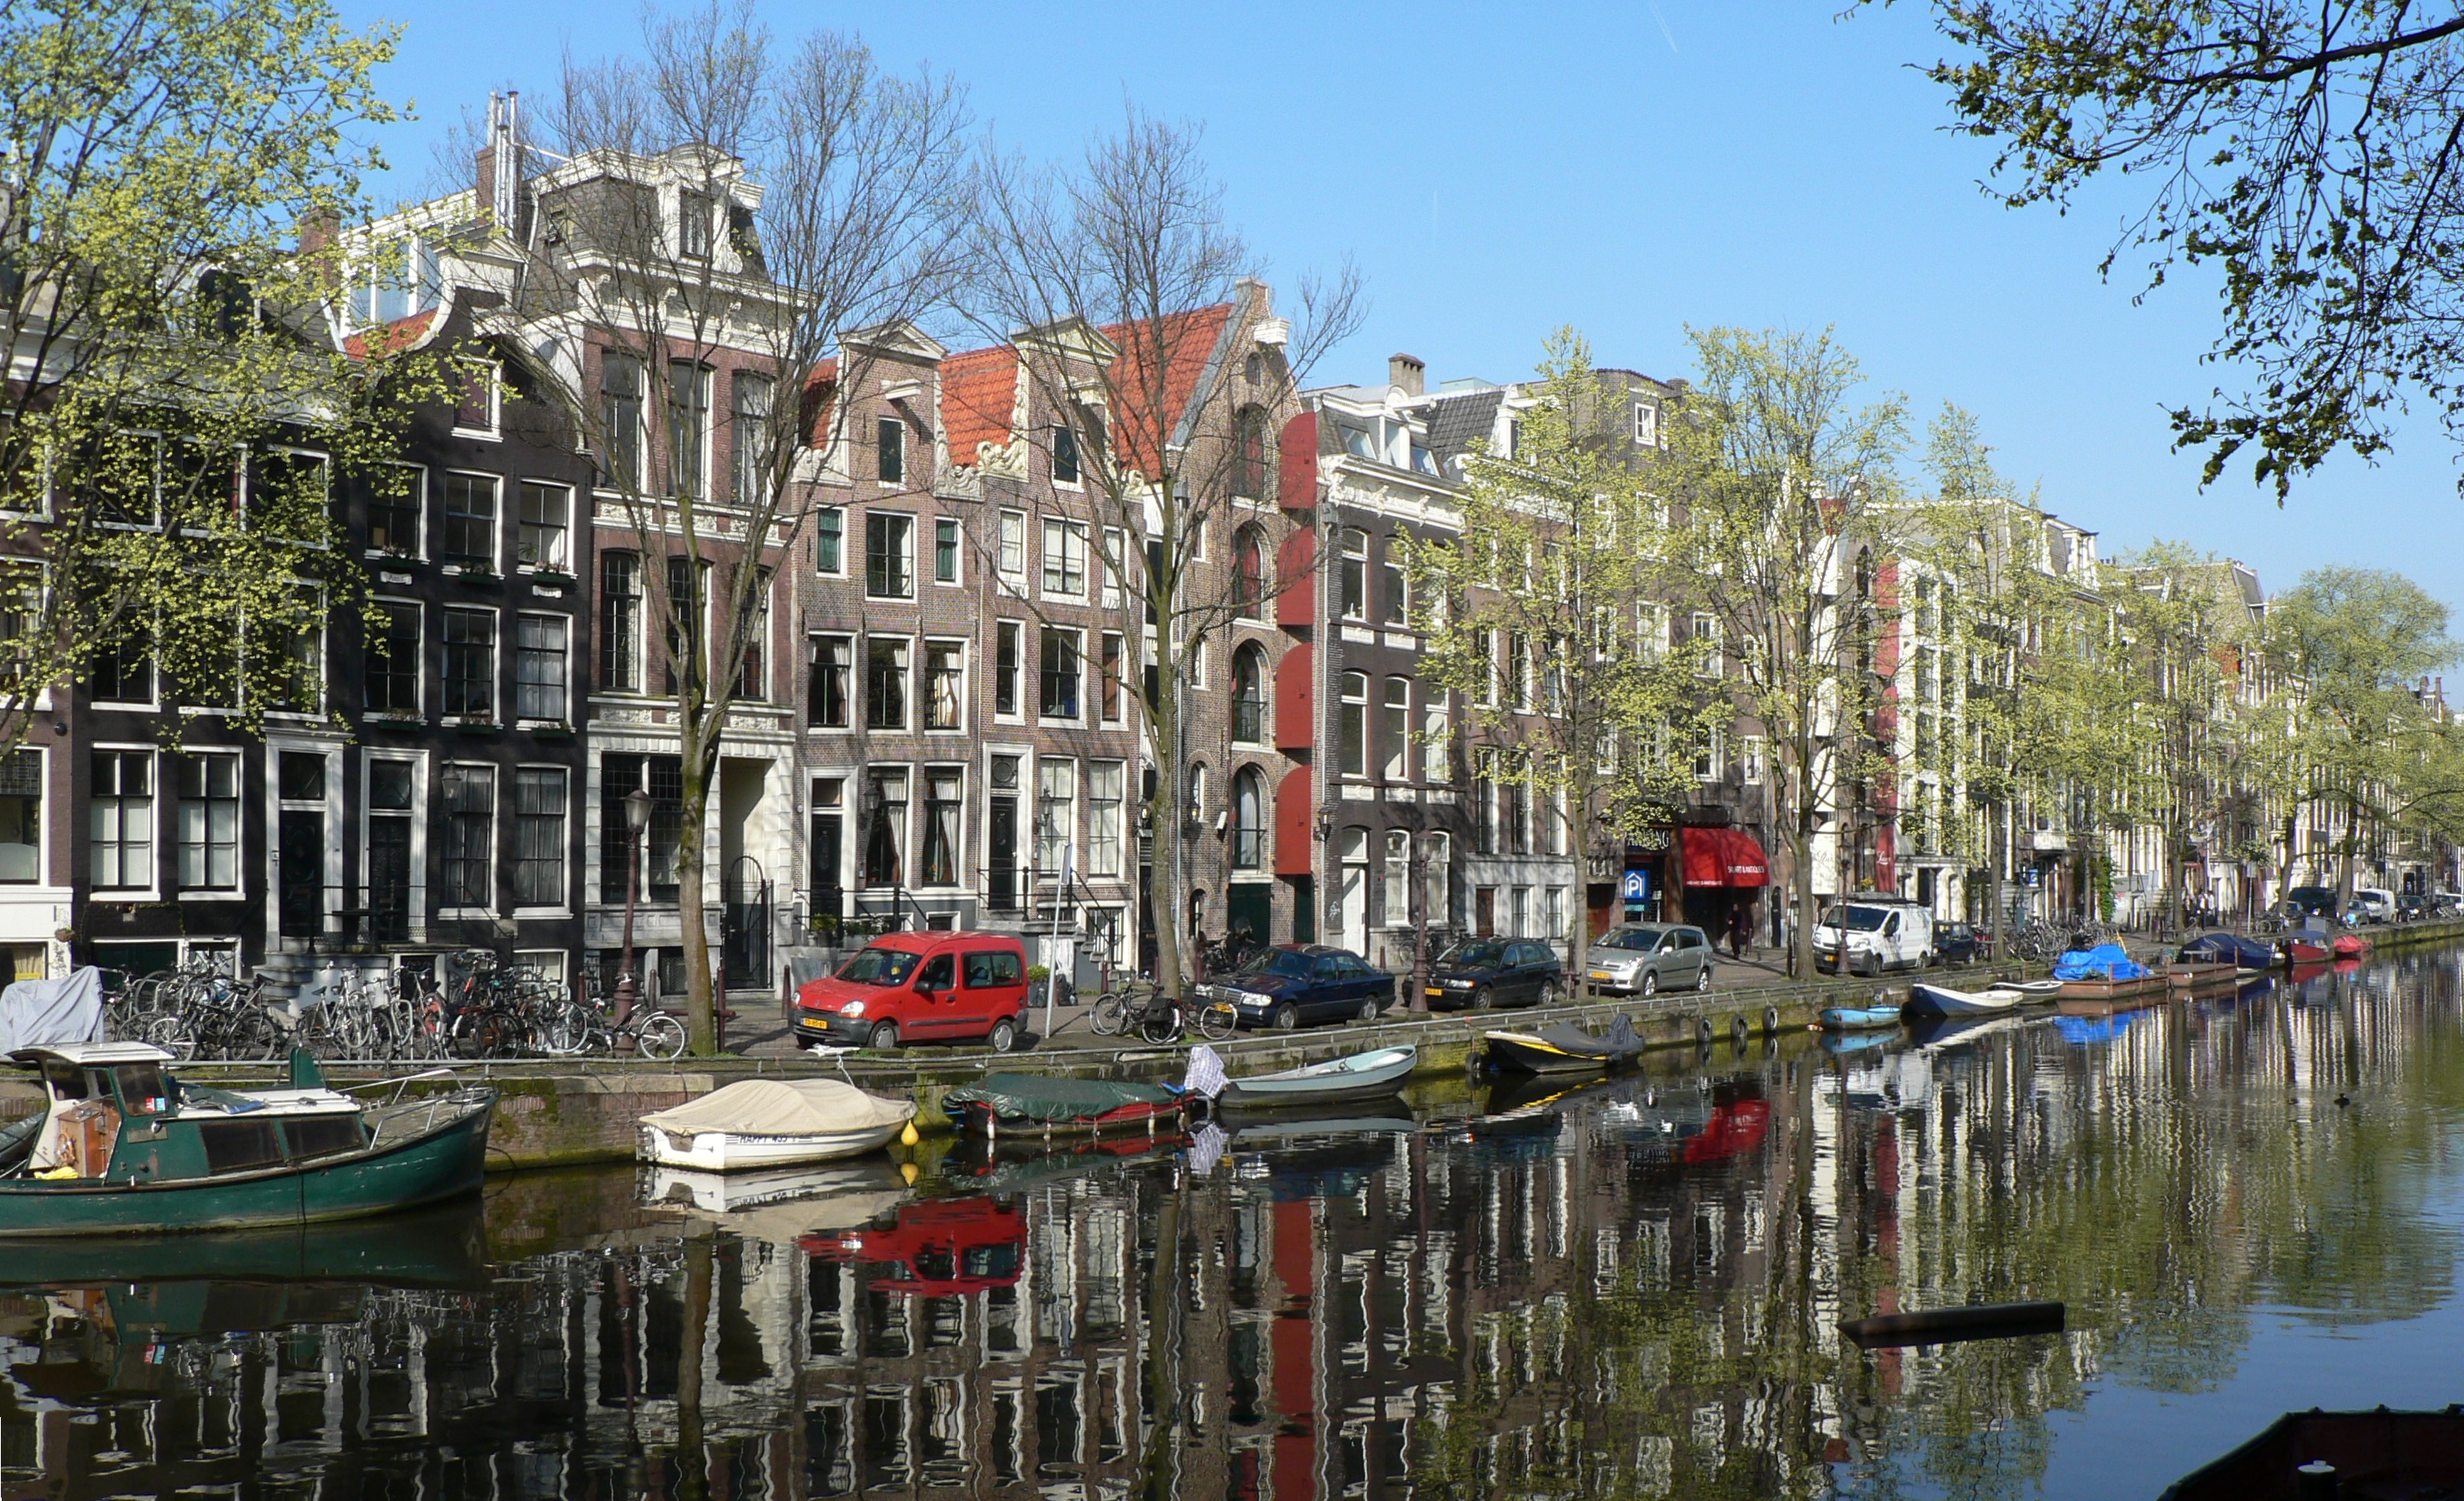 Qytete e botes... - Faqe 3 Amsterdam_052006